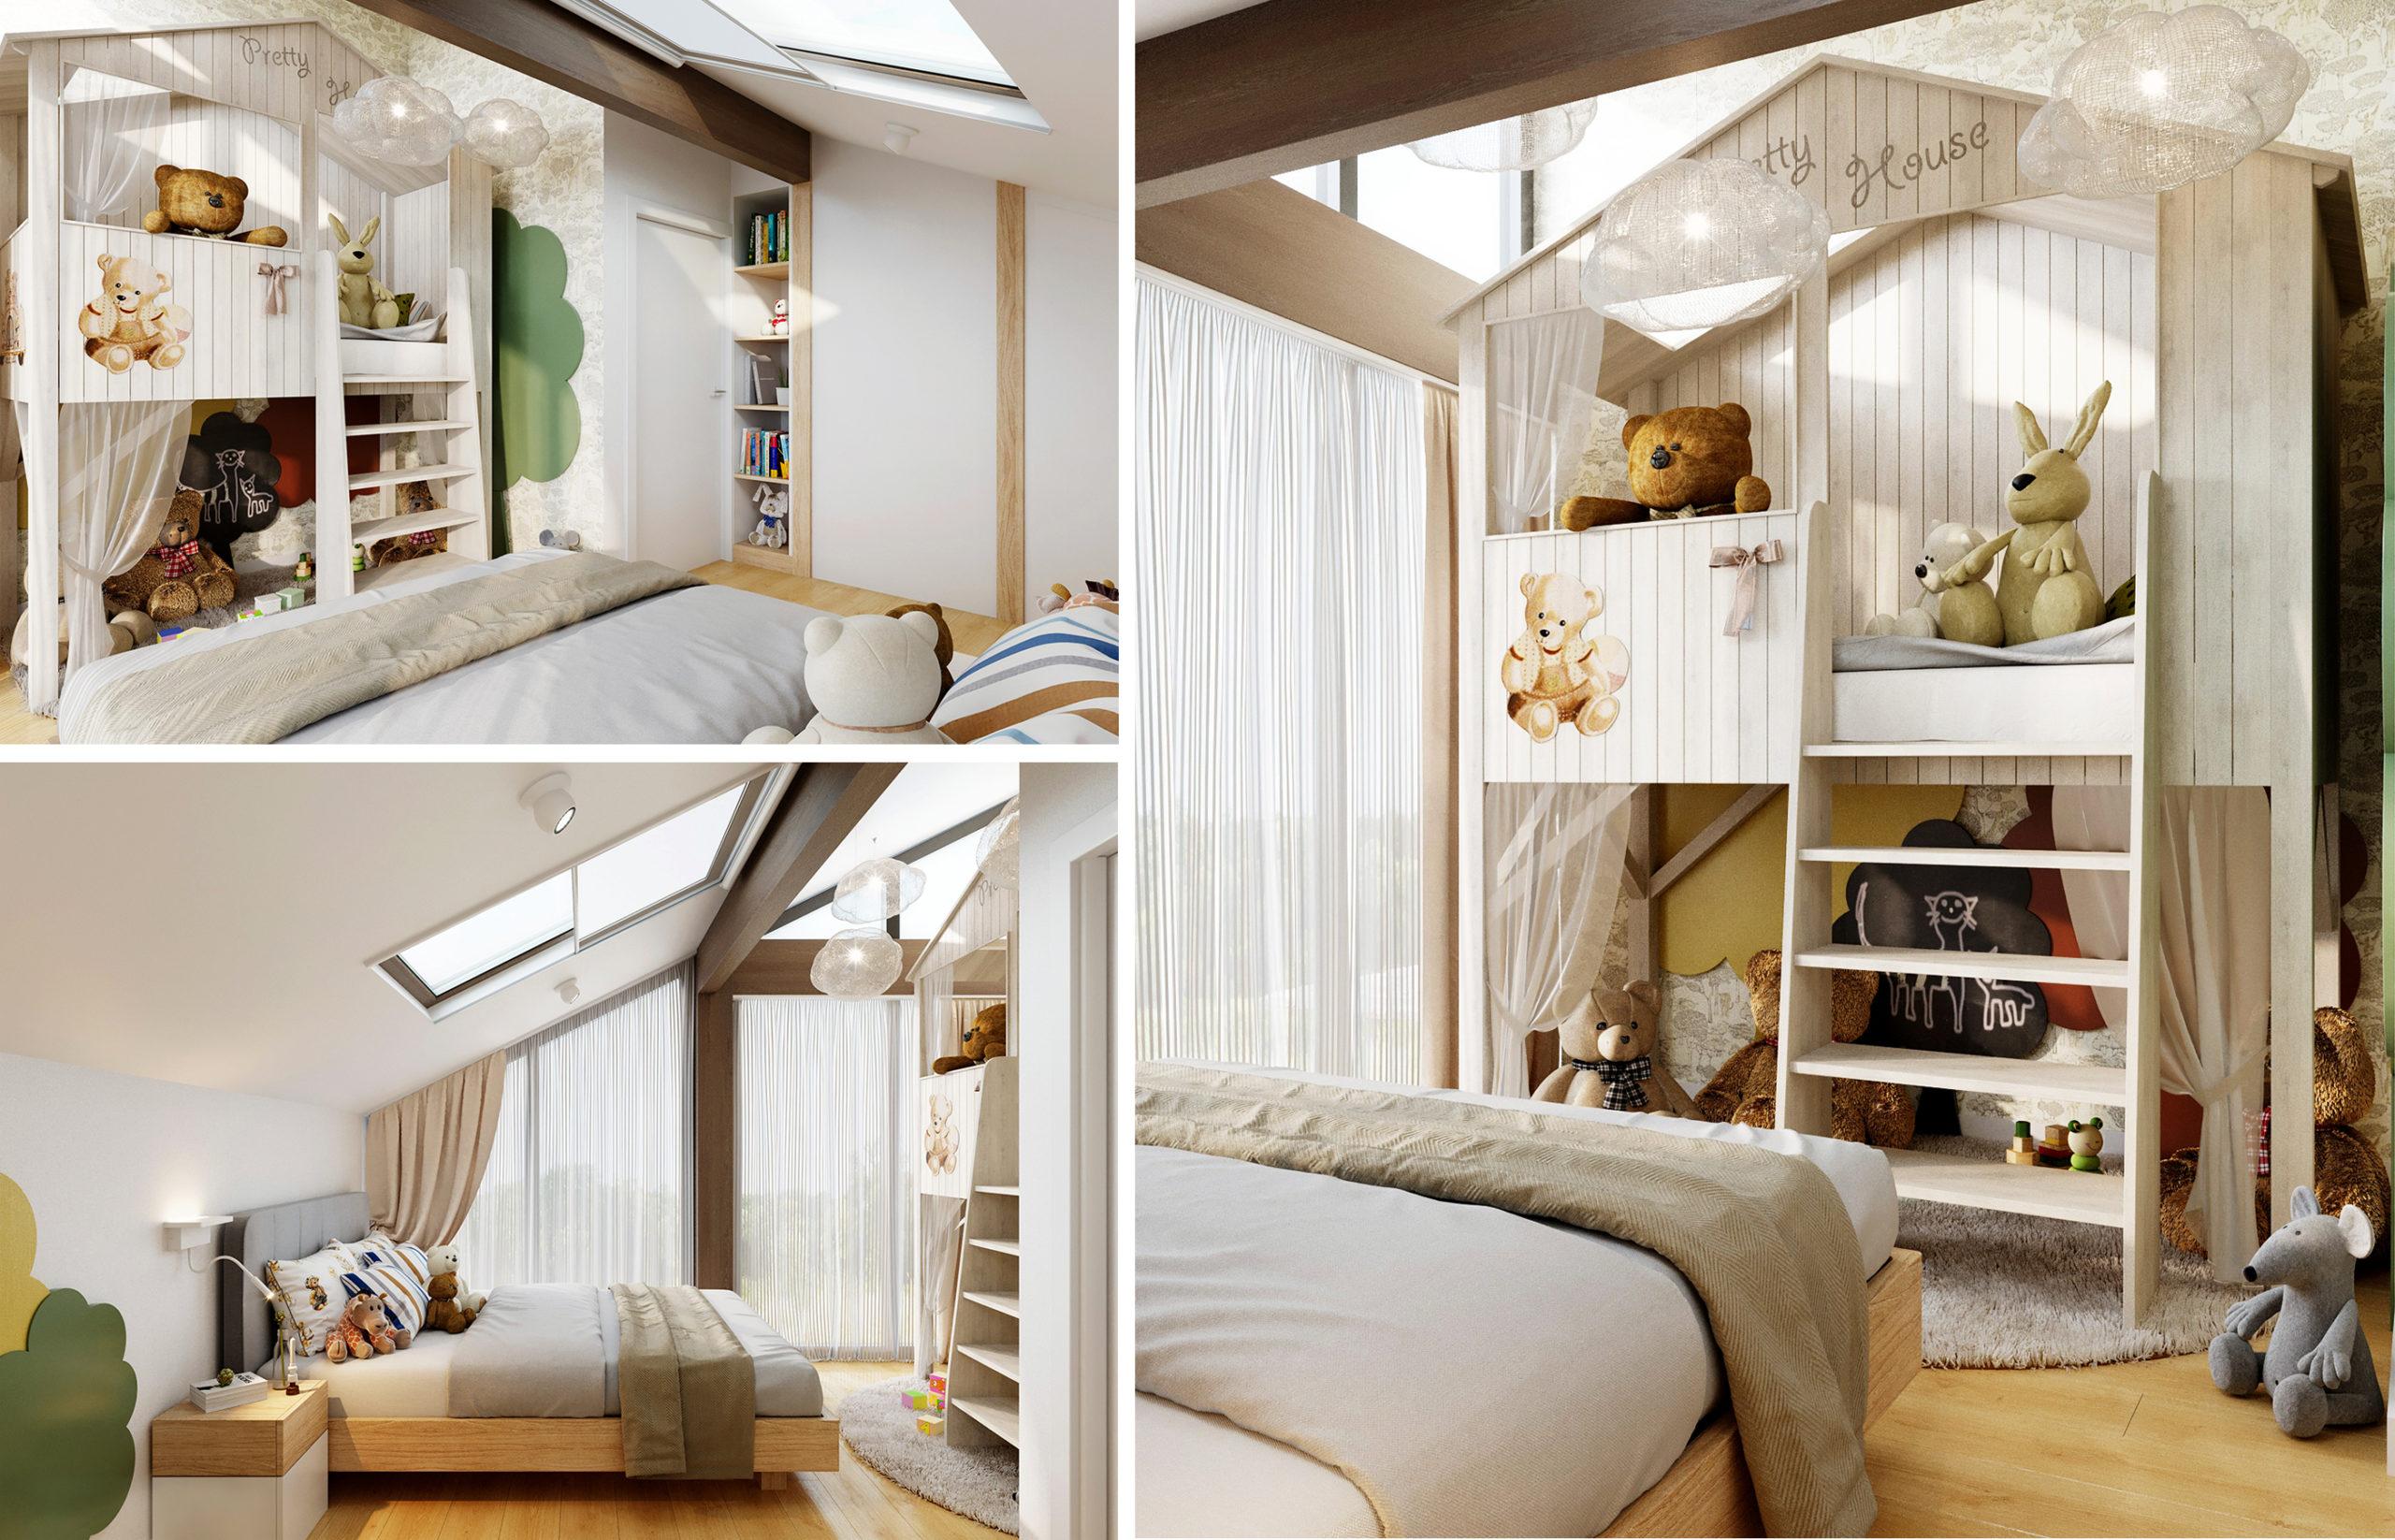 Сказочный домик с балкончиком, деревья, доска для рисования, вместительный шкаф для игрушек, широкая кровать - это все легко поместилось в детской комнате площадью 14 кв.м.